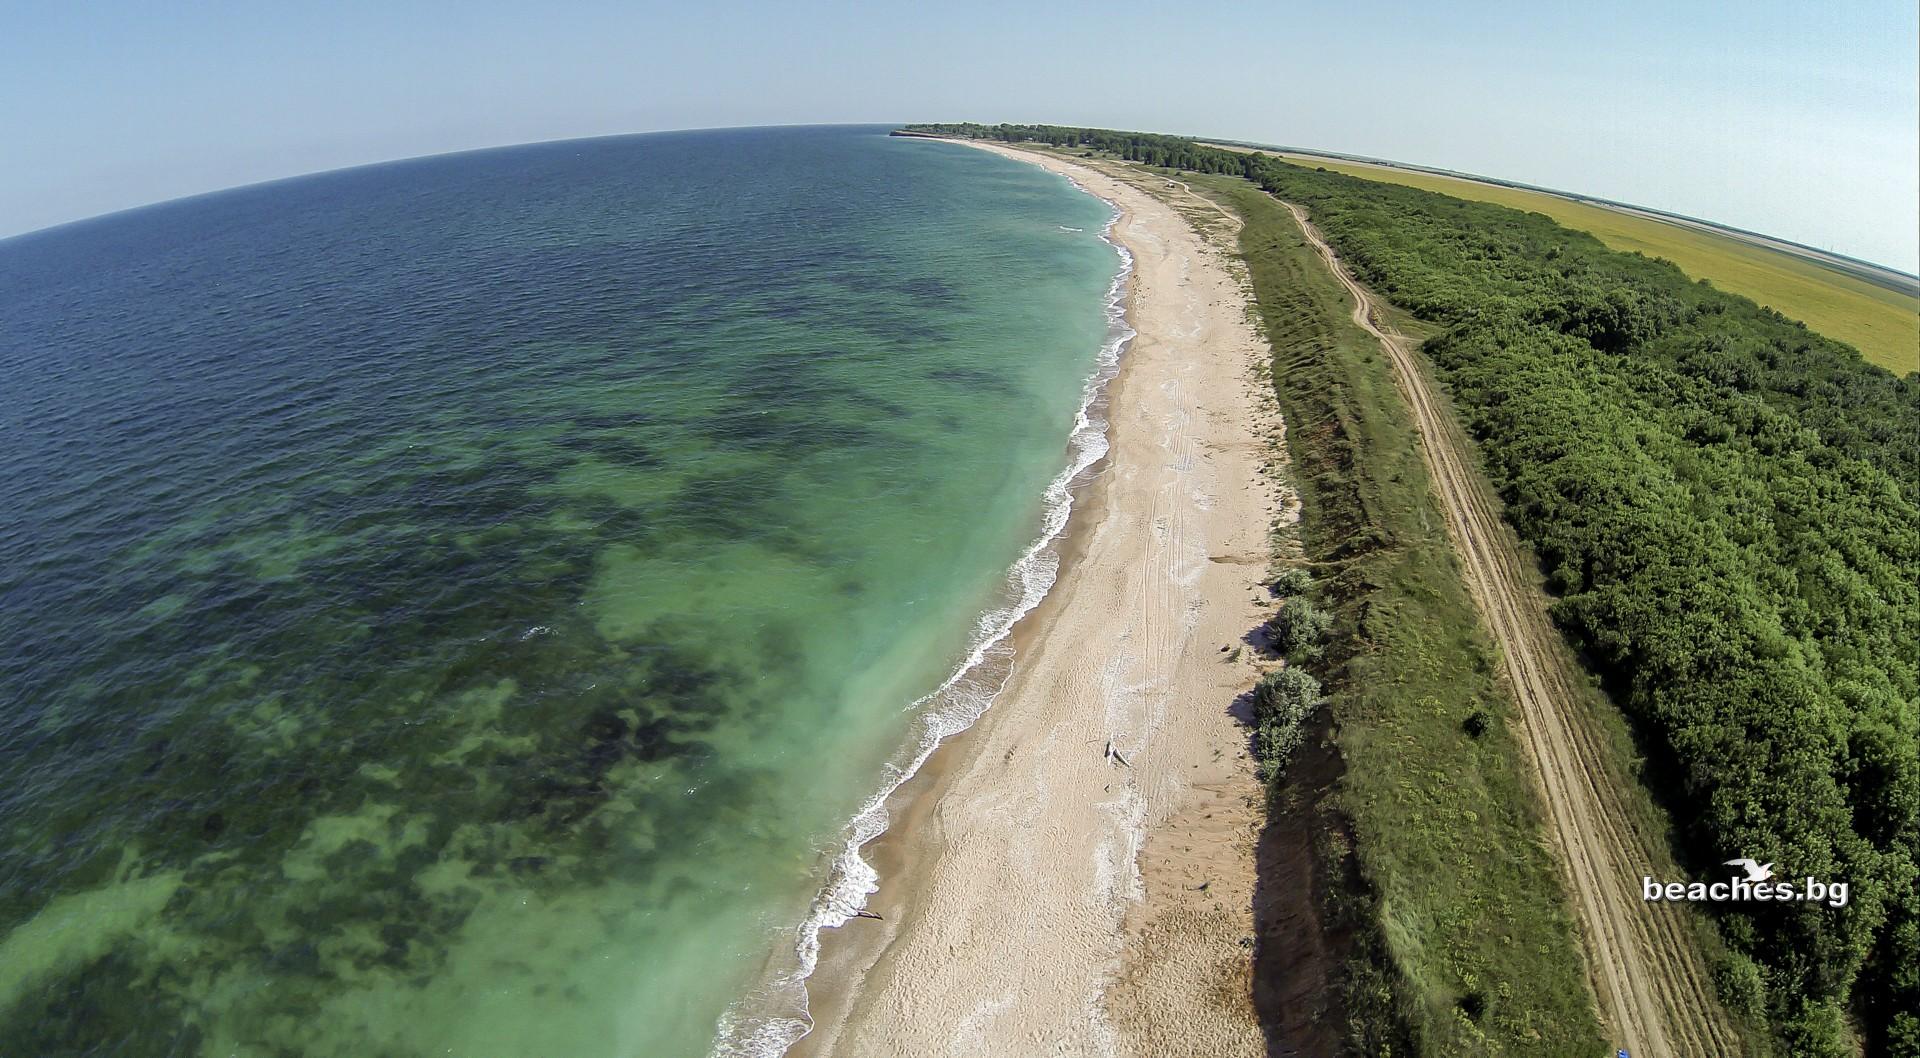 beaches.bg - Плаж Крапец България